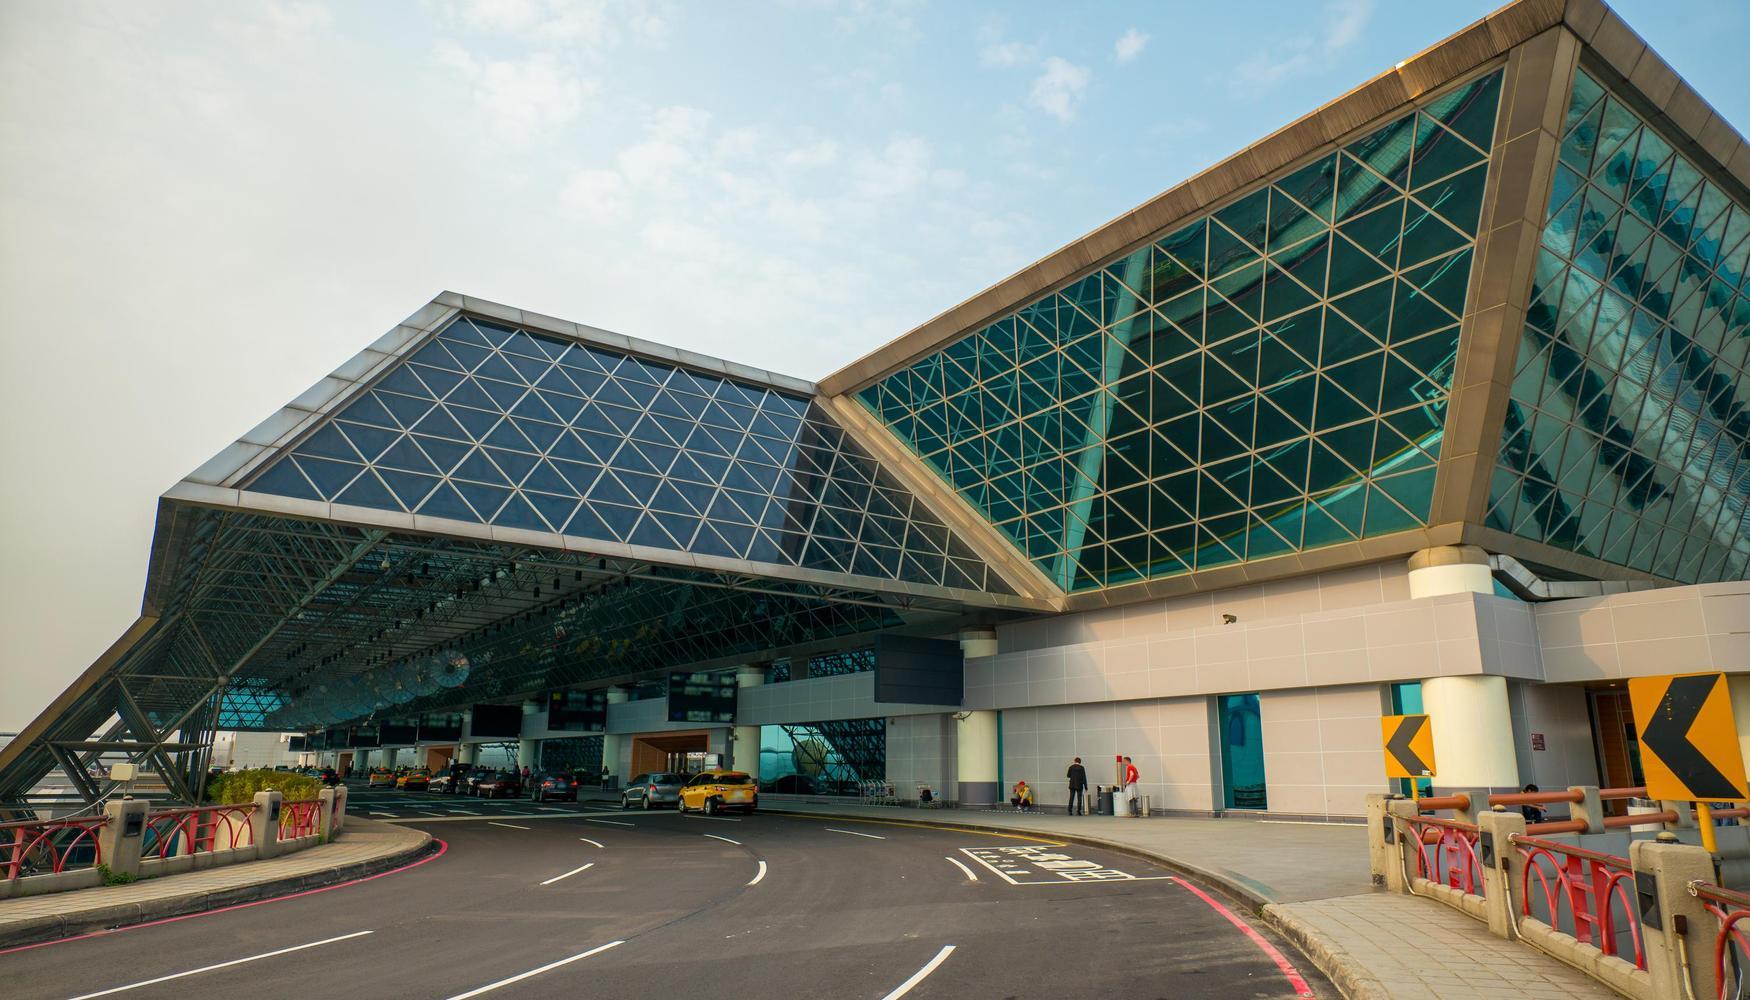 台北 桃园国际机场的租车